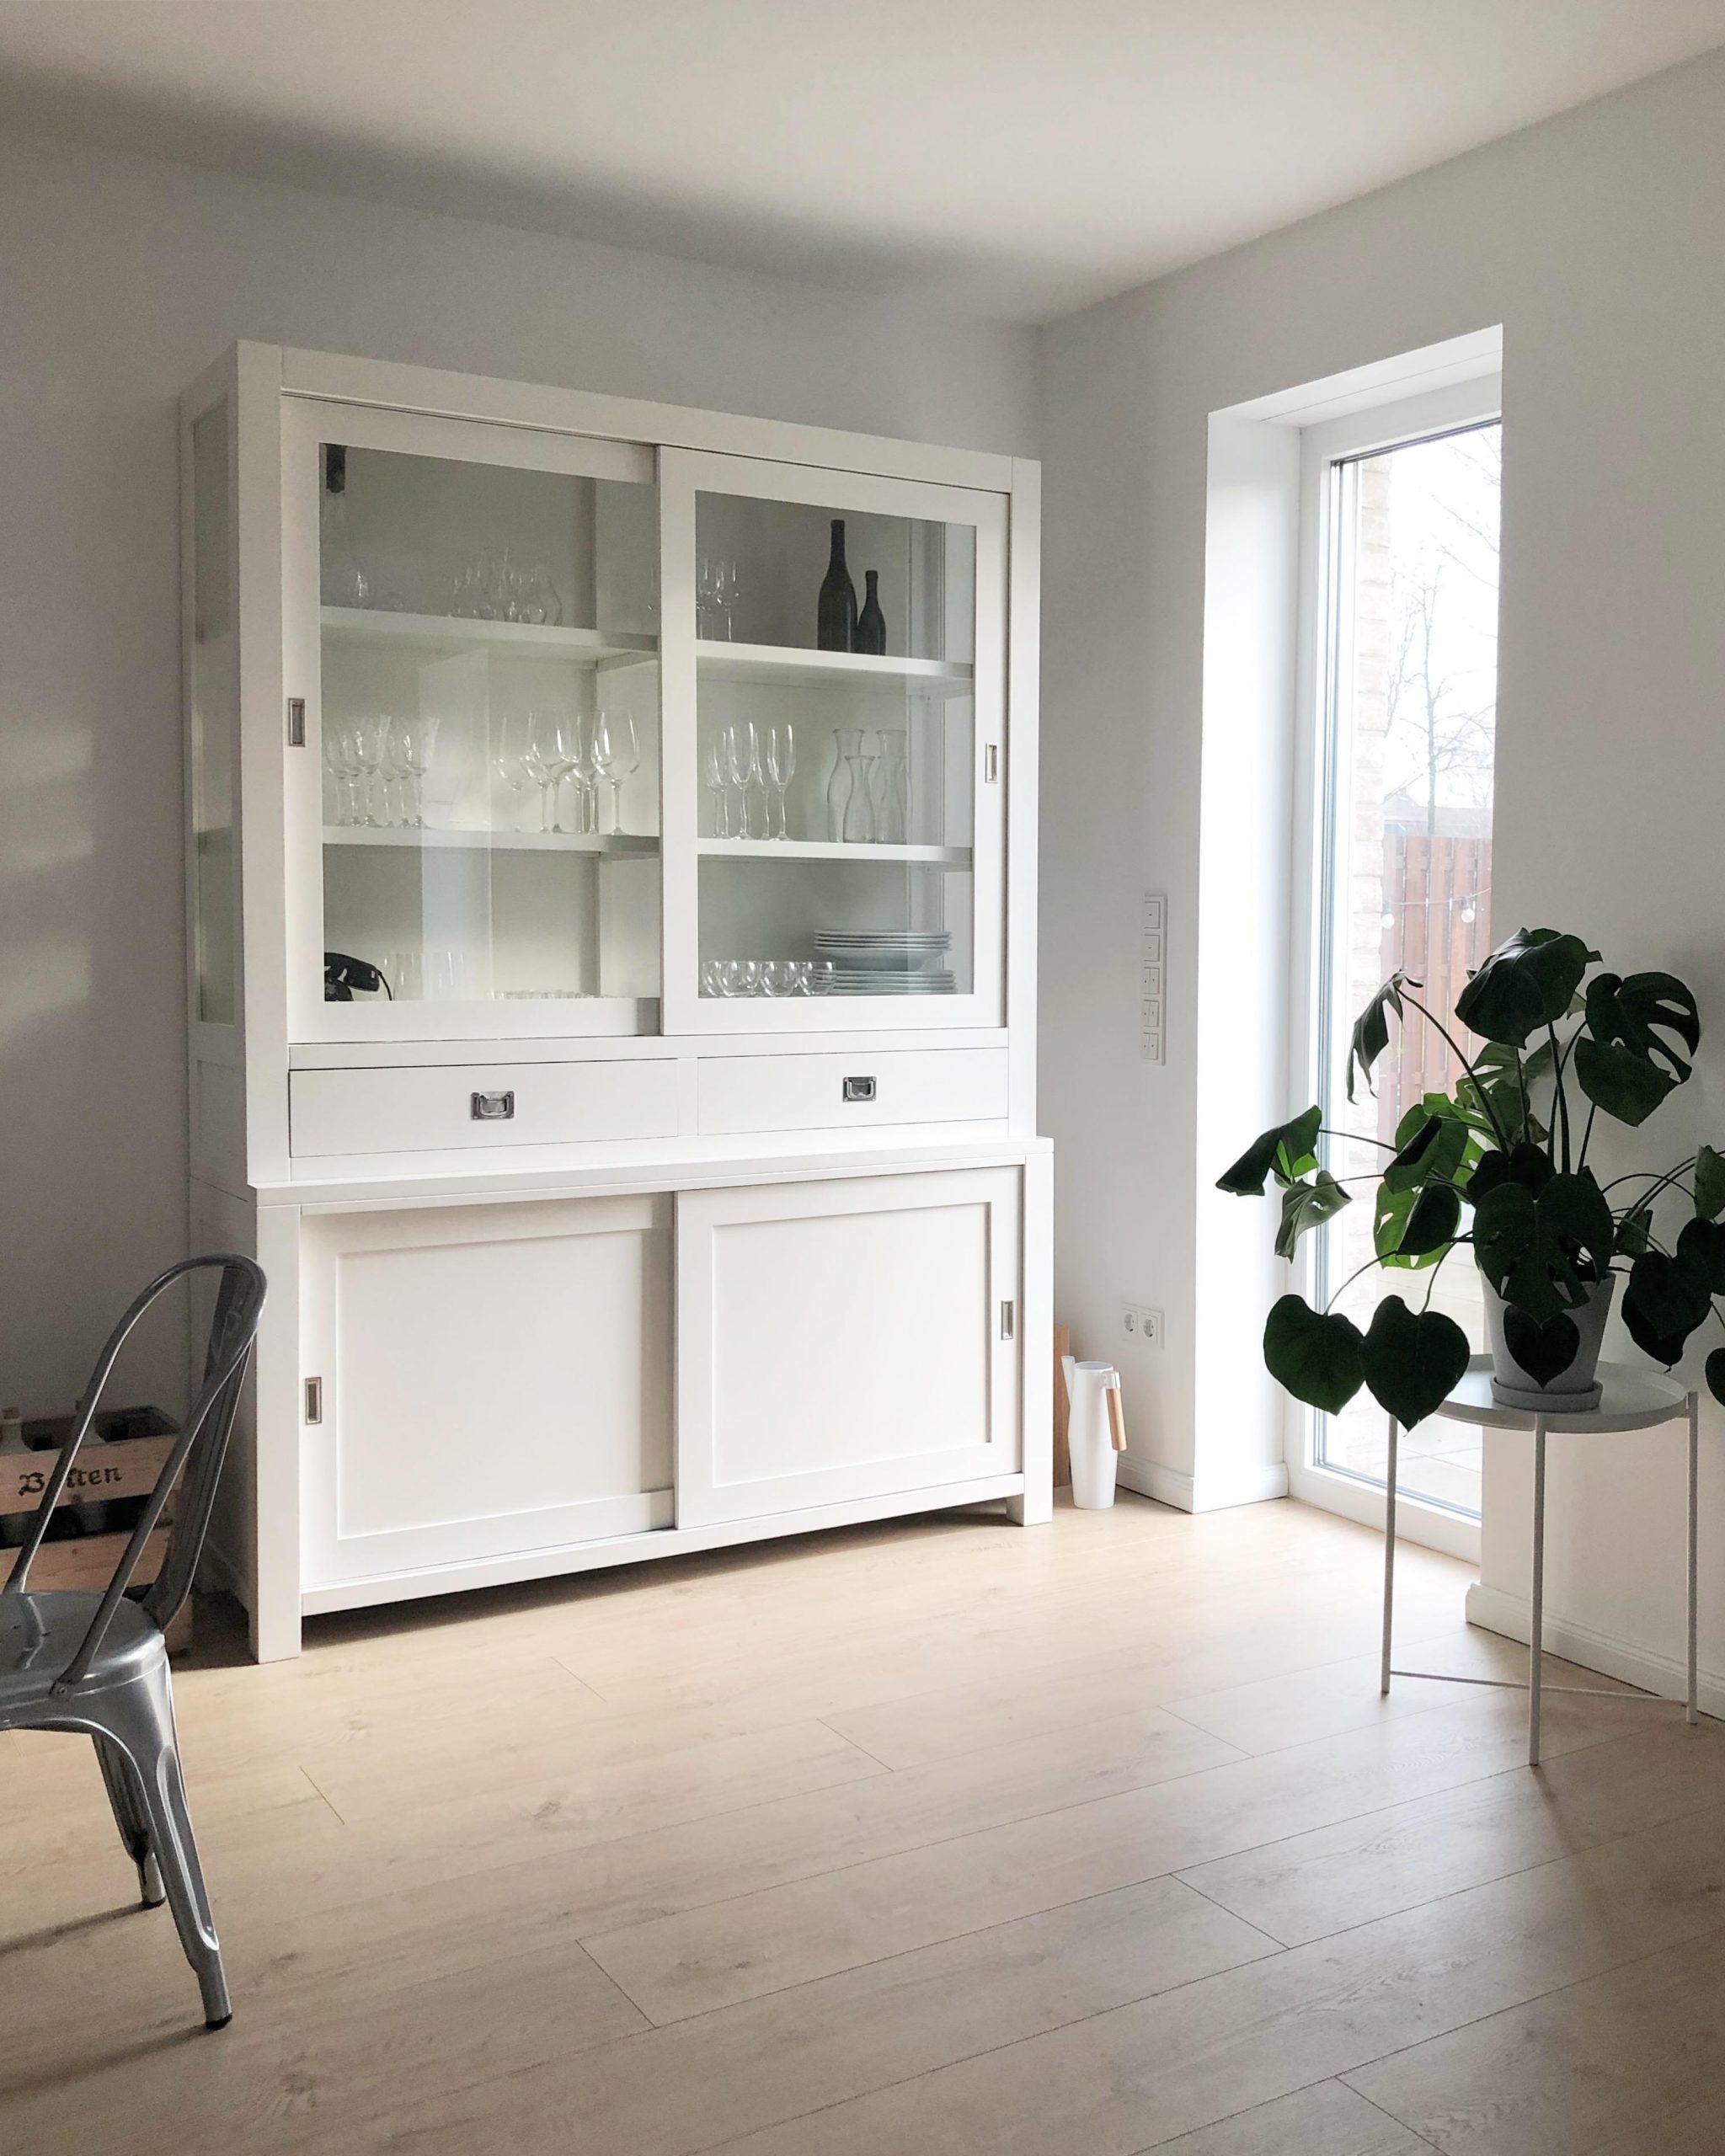 Full Size of Ikea Wohnzimmerschrank Bilder Ideen Couch Küche Kosten Sofa Mit Schlaffunktion Betten Bei Kaufen Modulküche 160x200 Miniküche Wohnzimmer Ikea Wohnzimmerschrank